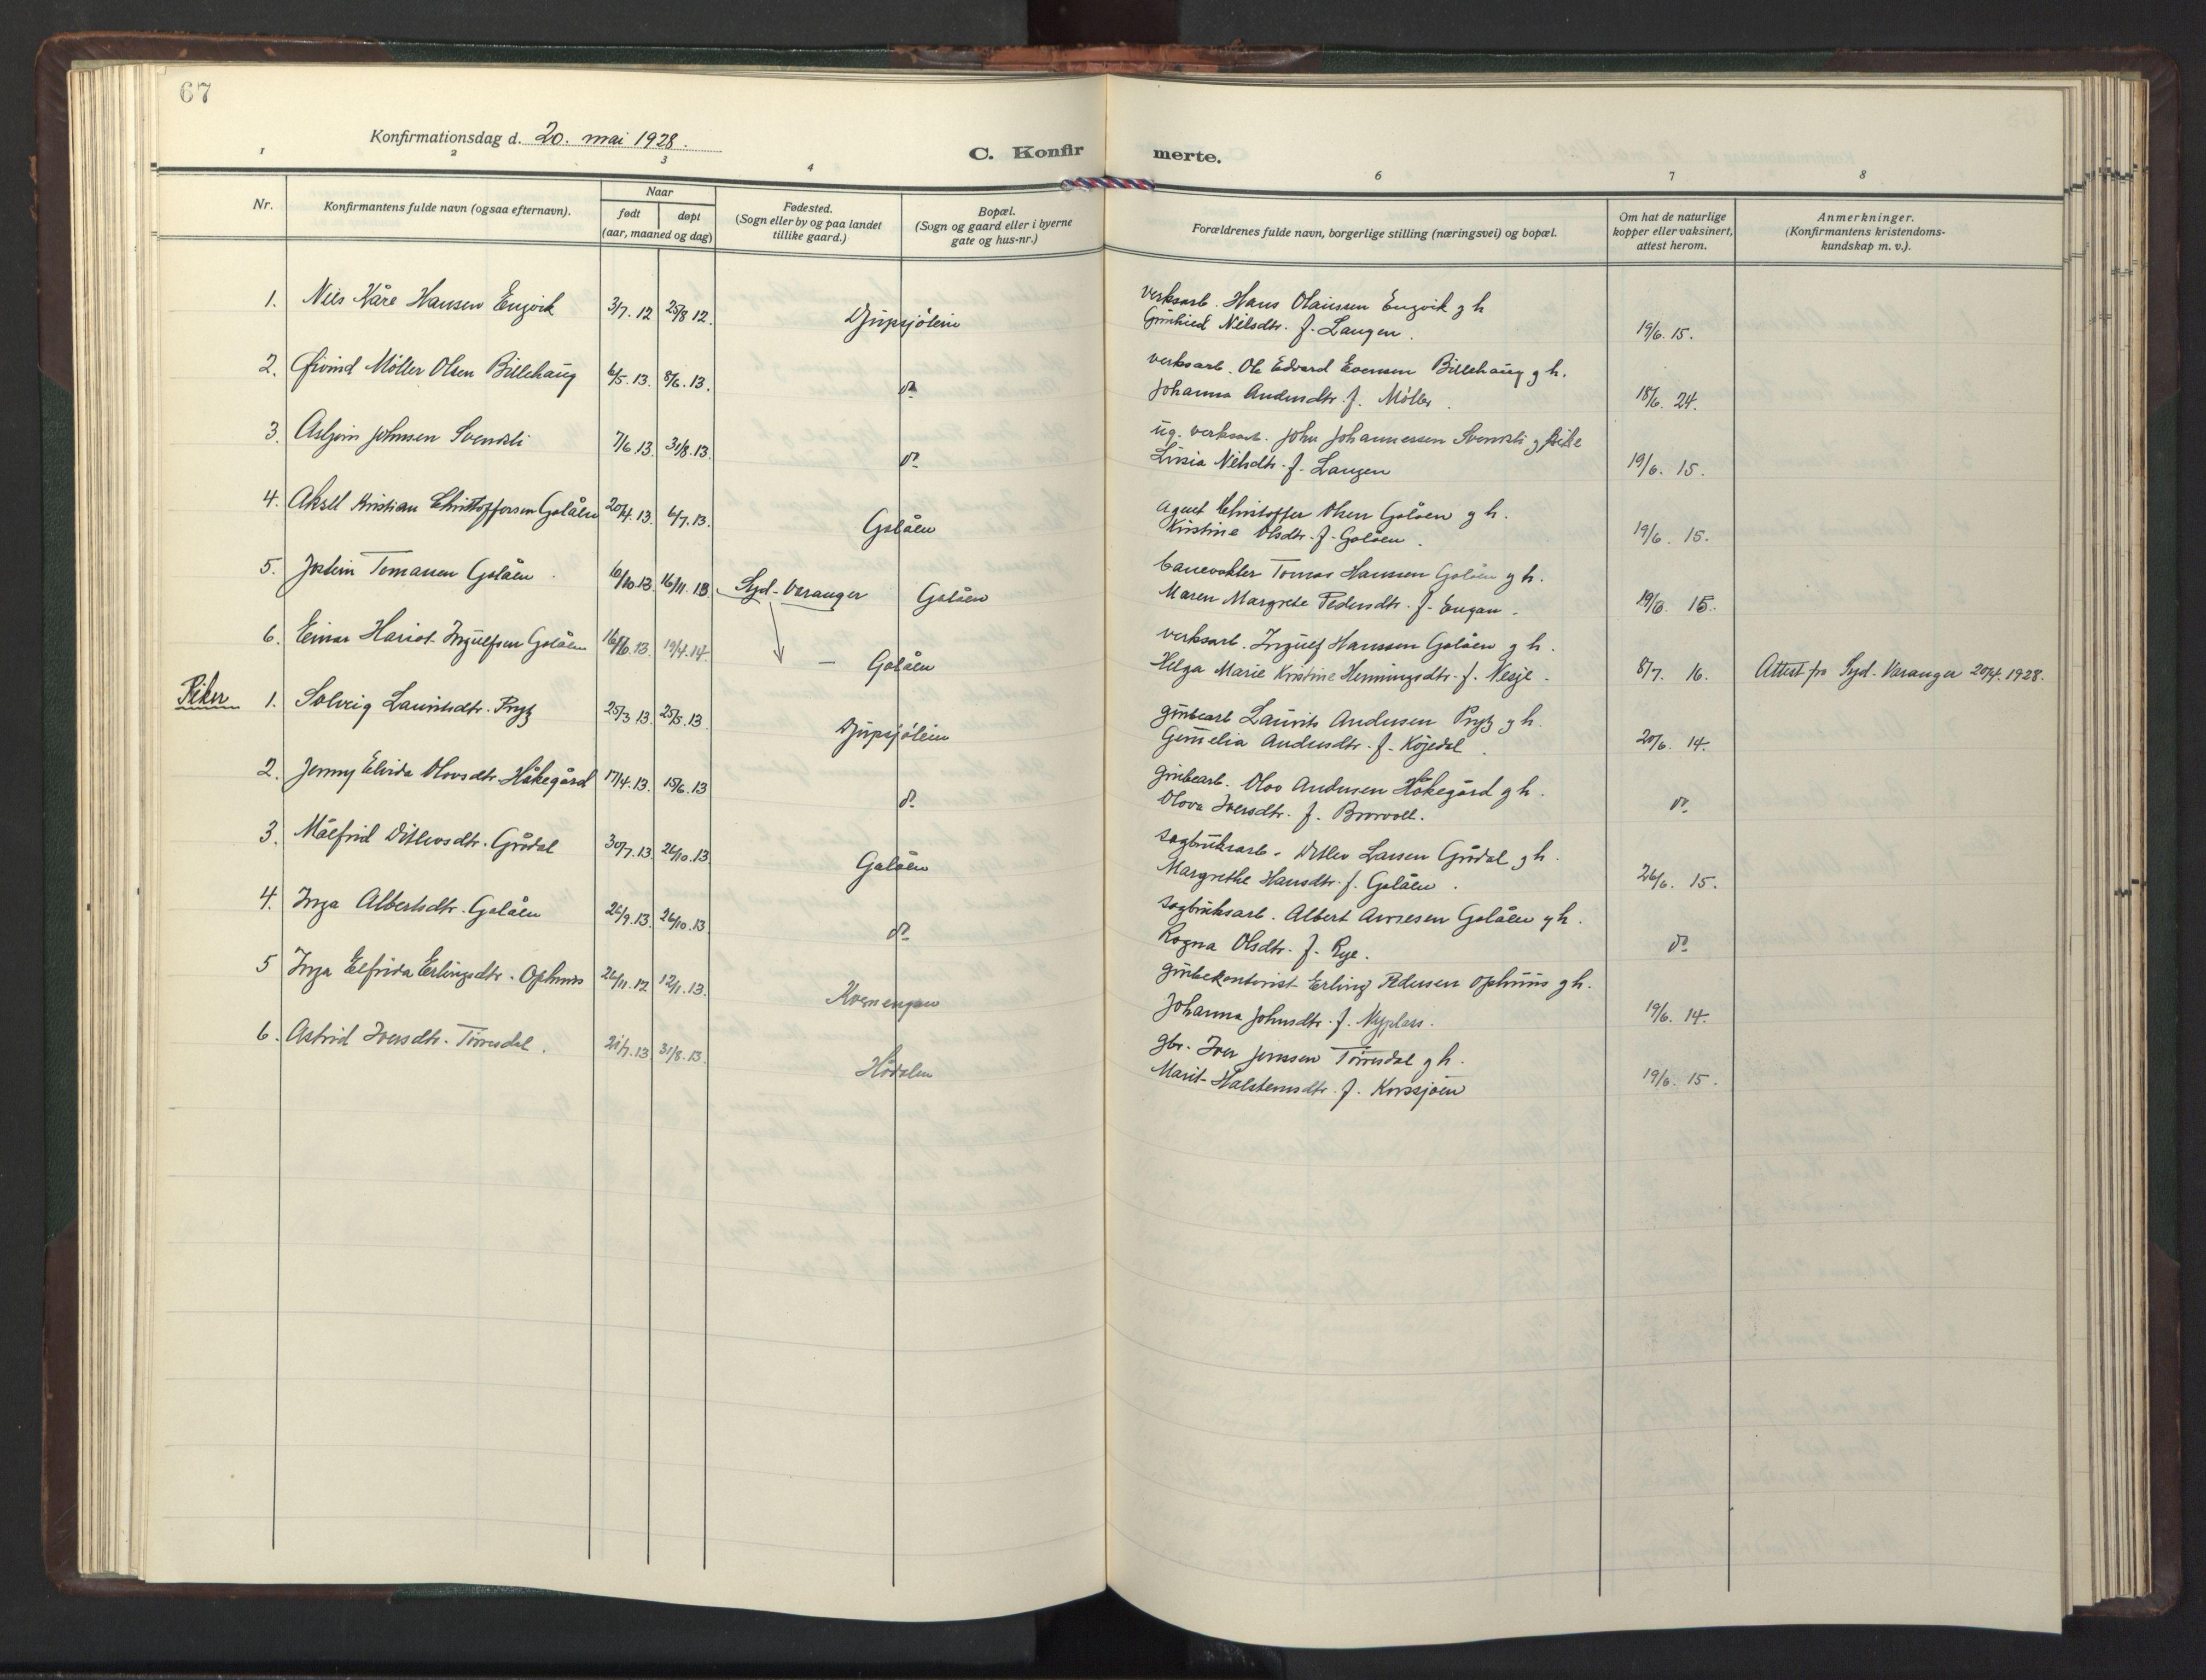 SAT, Ministerialprotokoller, klokkerbøker og fødselsregistre - Sør-Trøndelag, 681/L0944: Klokkerbok nr. 681C08, 1926-1954, s. 67